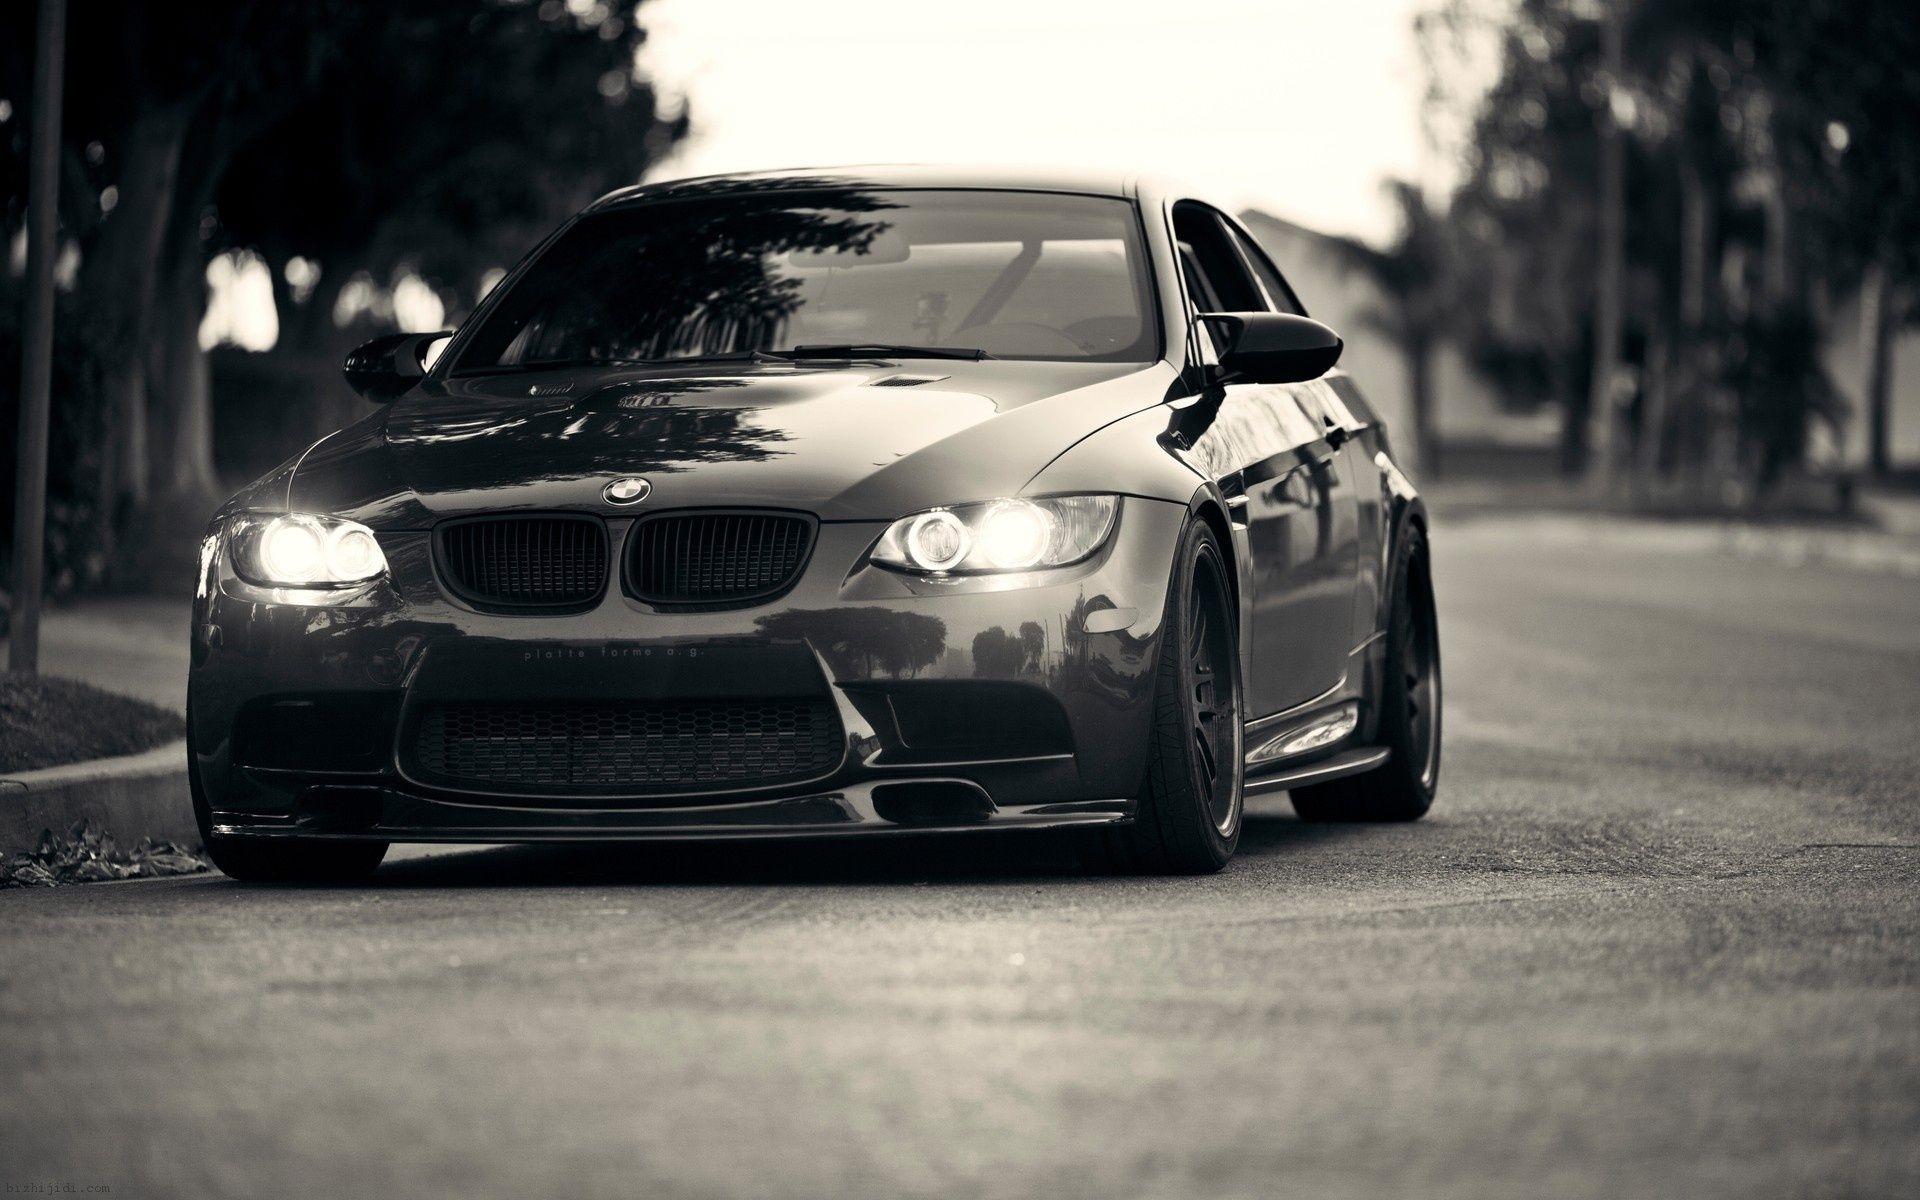 Best Bmw m wallpaper ideas on Pinterest Bmw m BMW